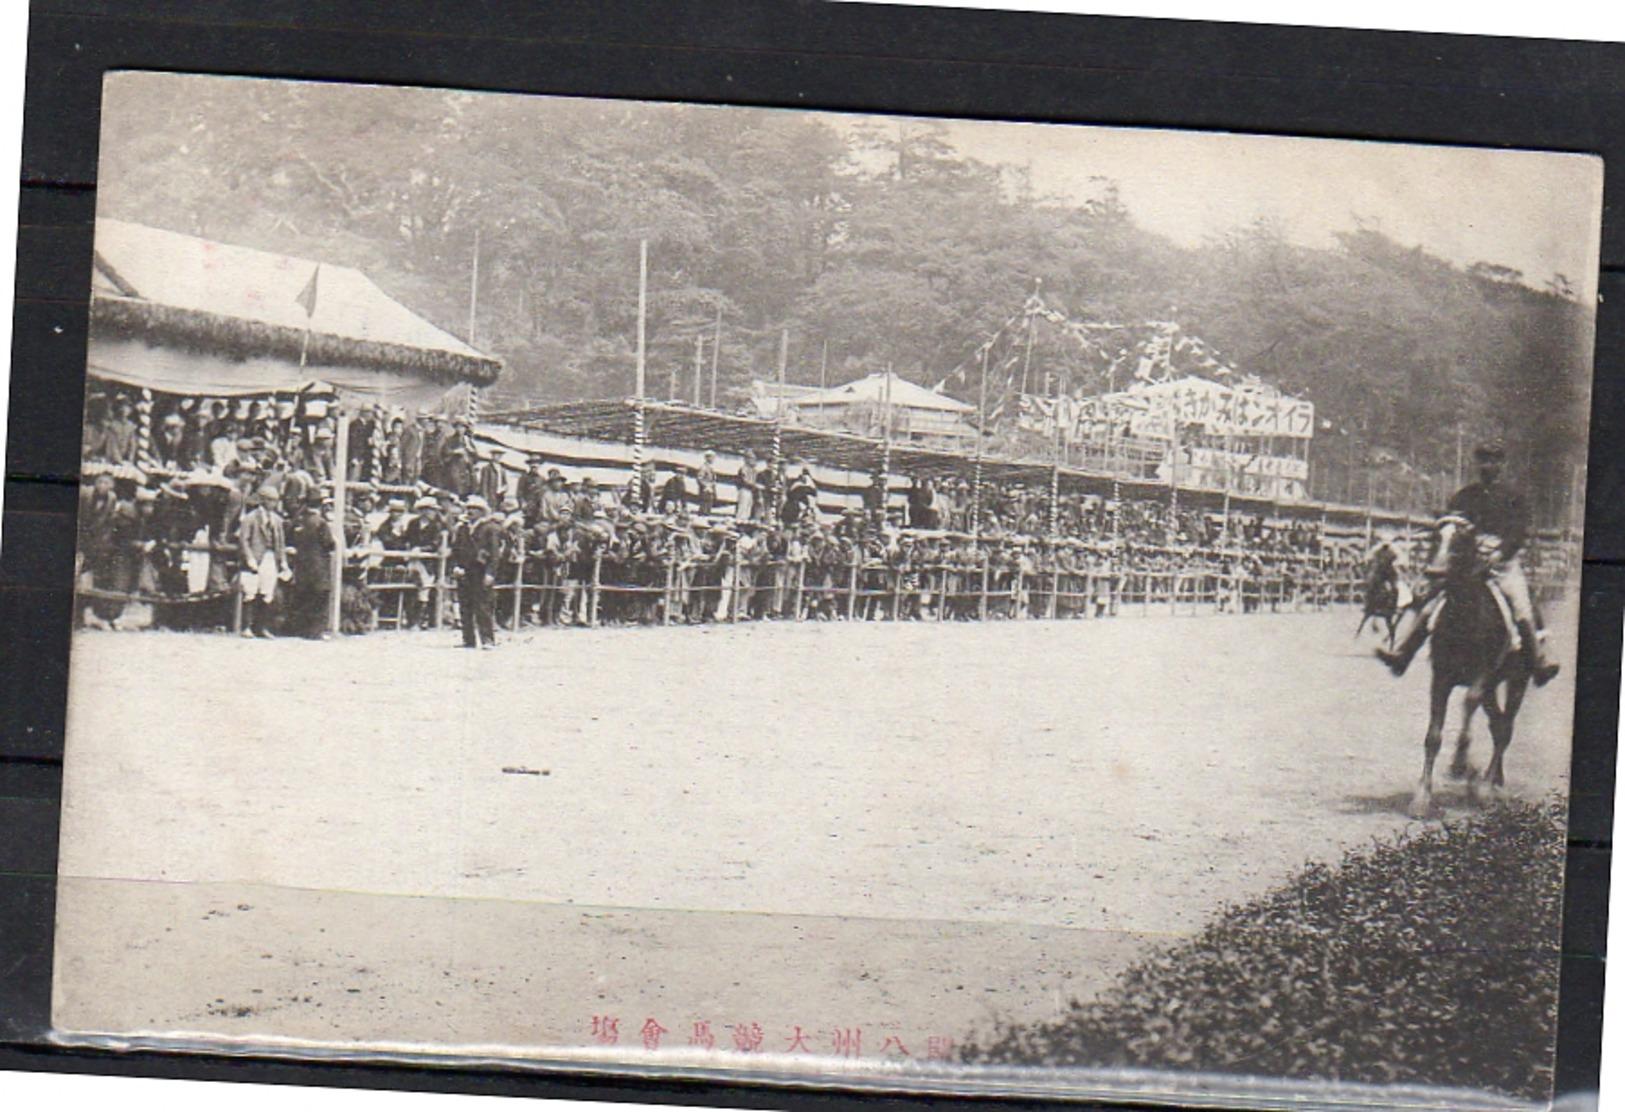 關八州大競馬 = Horse Racing In Eight Provinces  & Advert. イラオンはみかき± 1910 (j4-52) - Japan